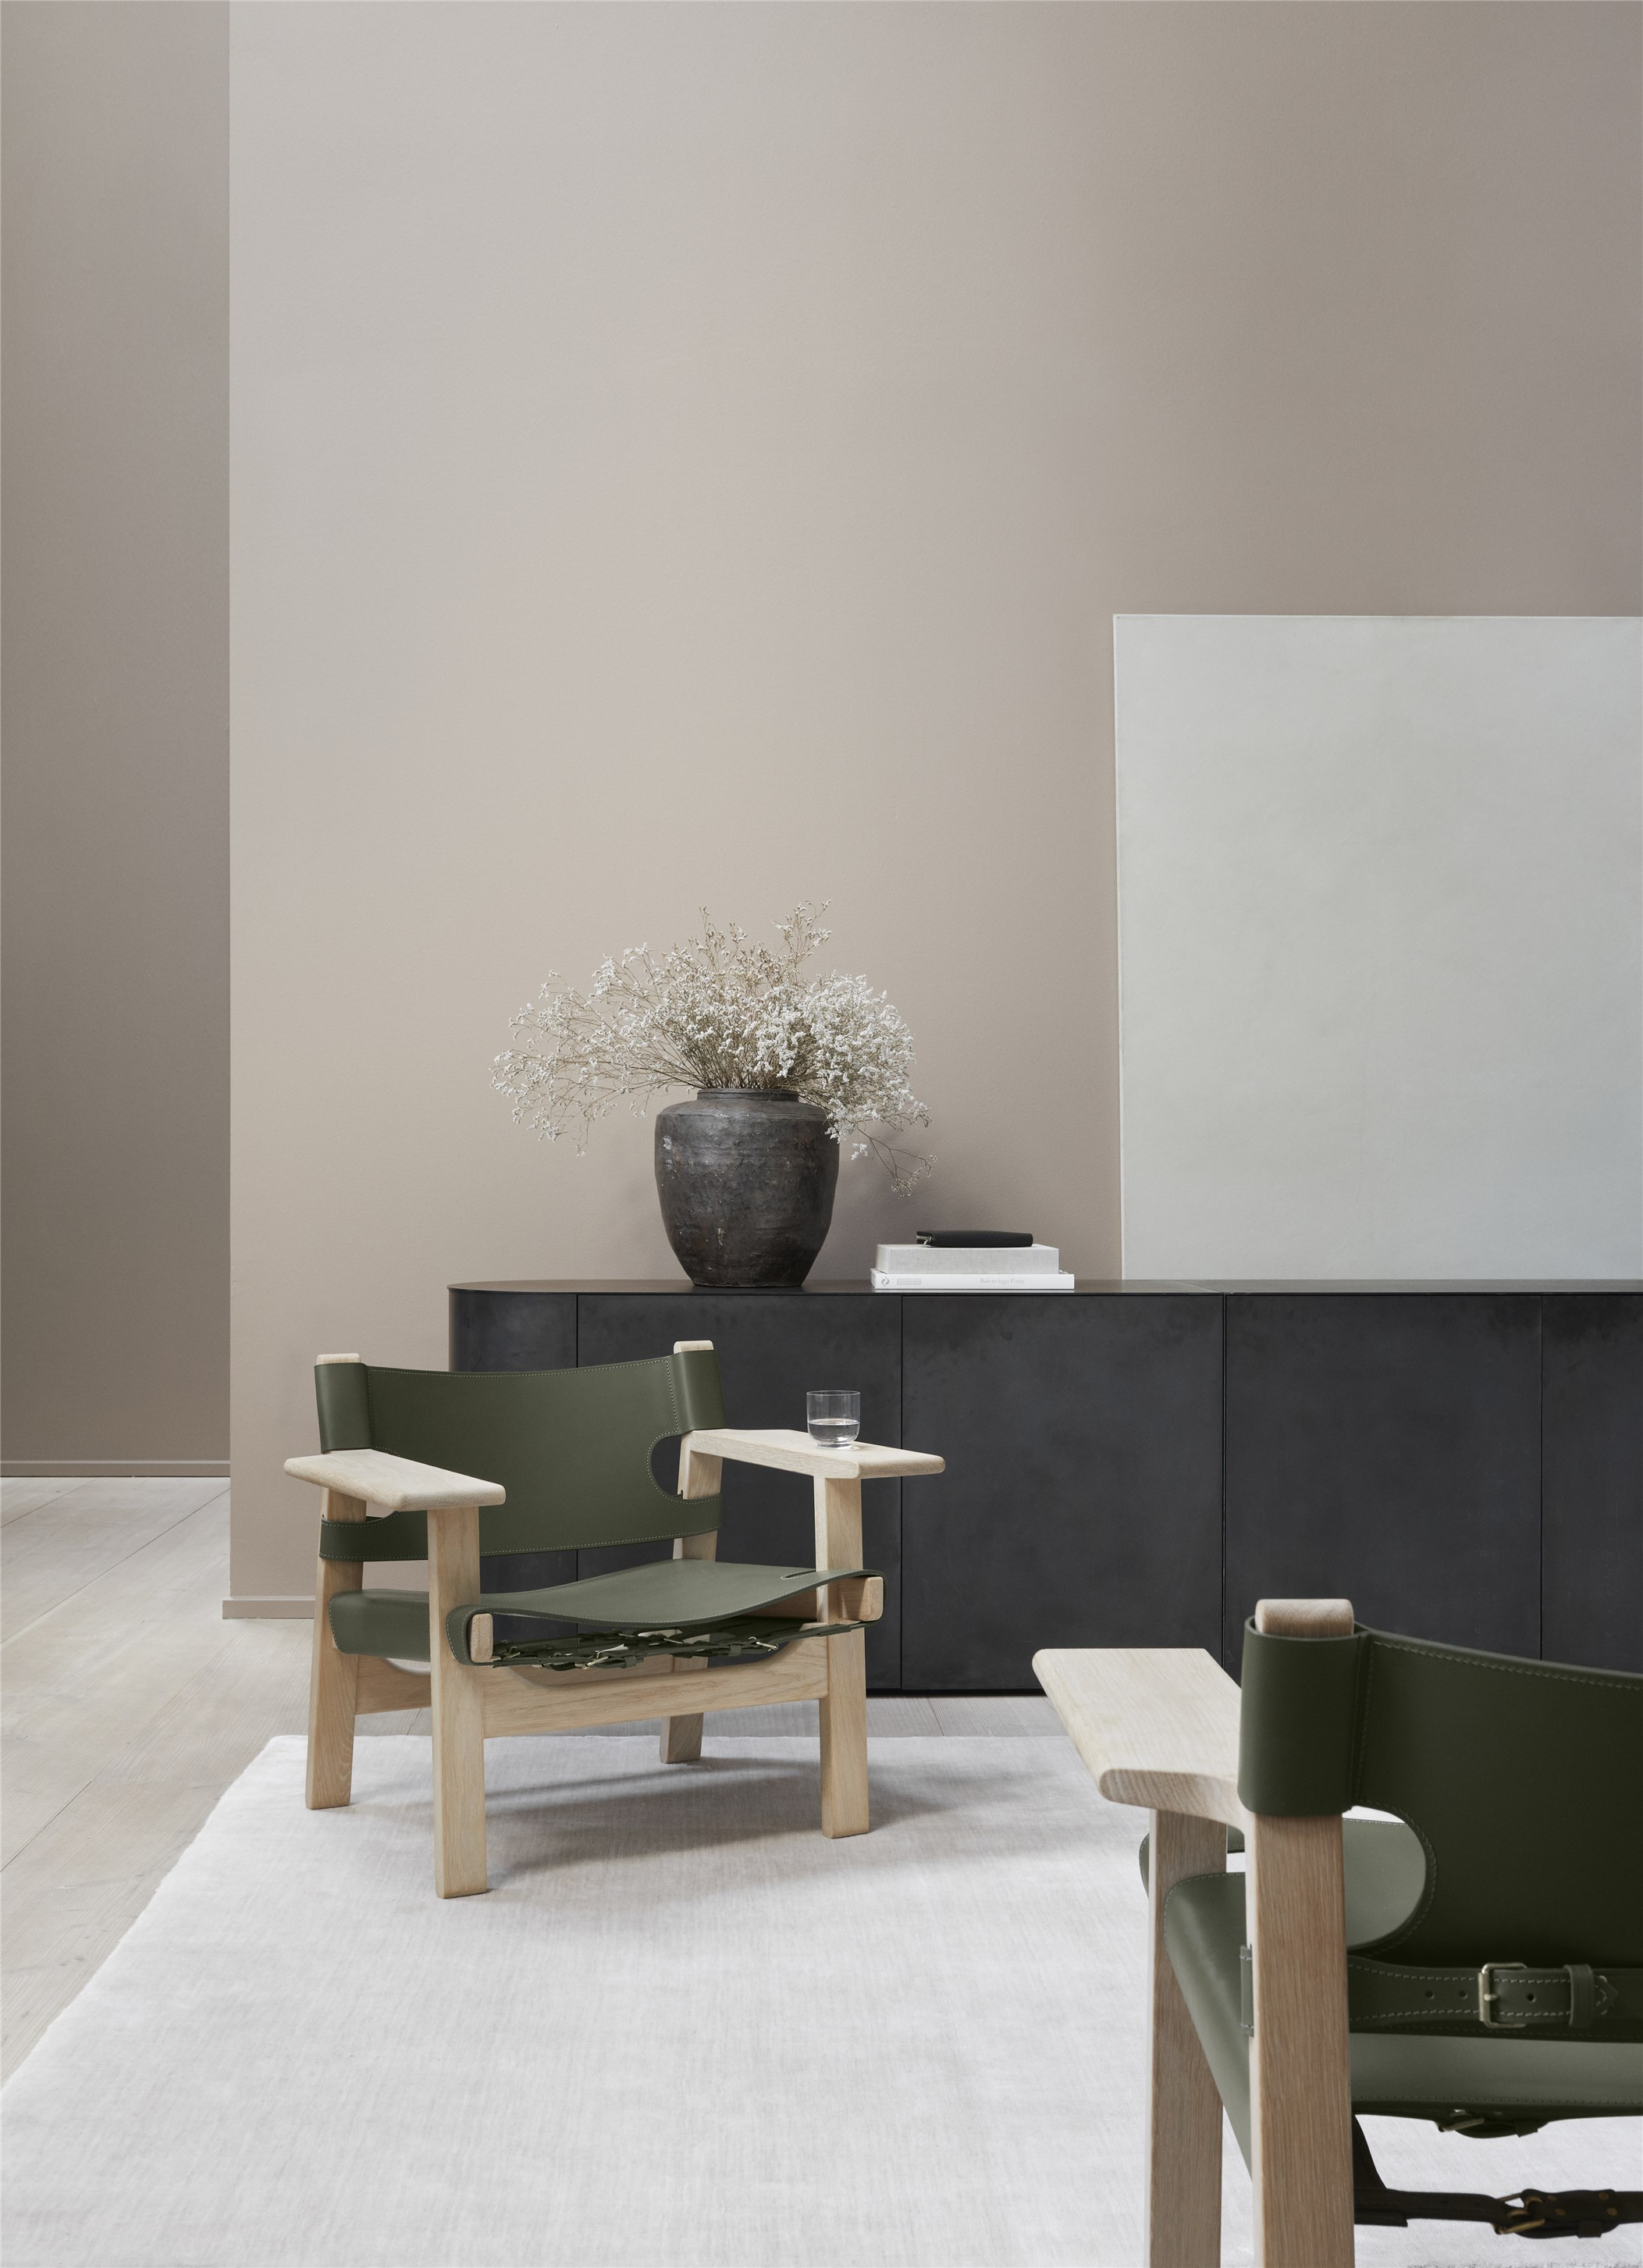 Spanish Chair-Børge Mogensen-Fredericia special edition elledecoration vn 4